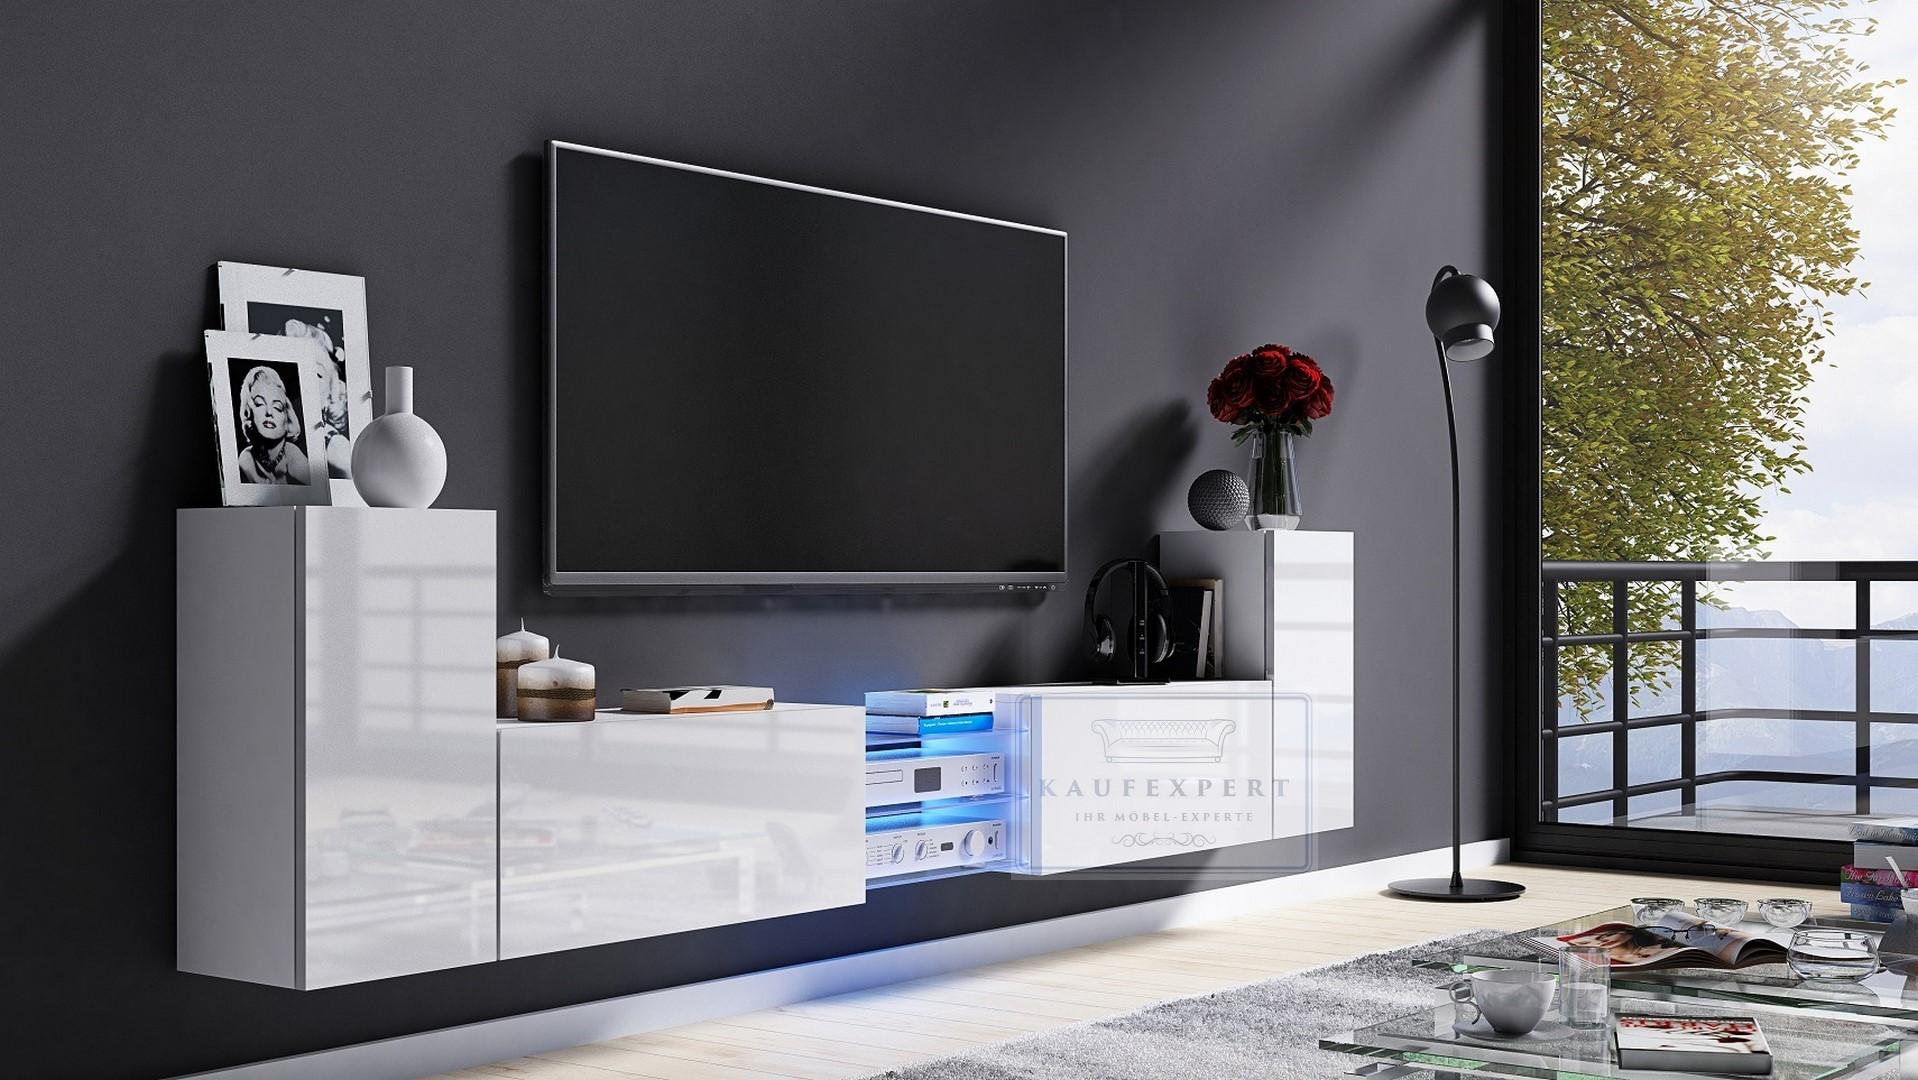 Kaufexpert Tv Lowboard Galaxy Weiss Hochglanz Weiss Mdf Design